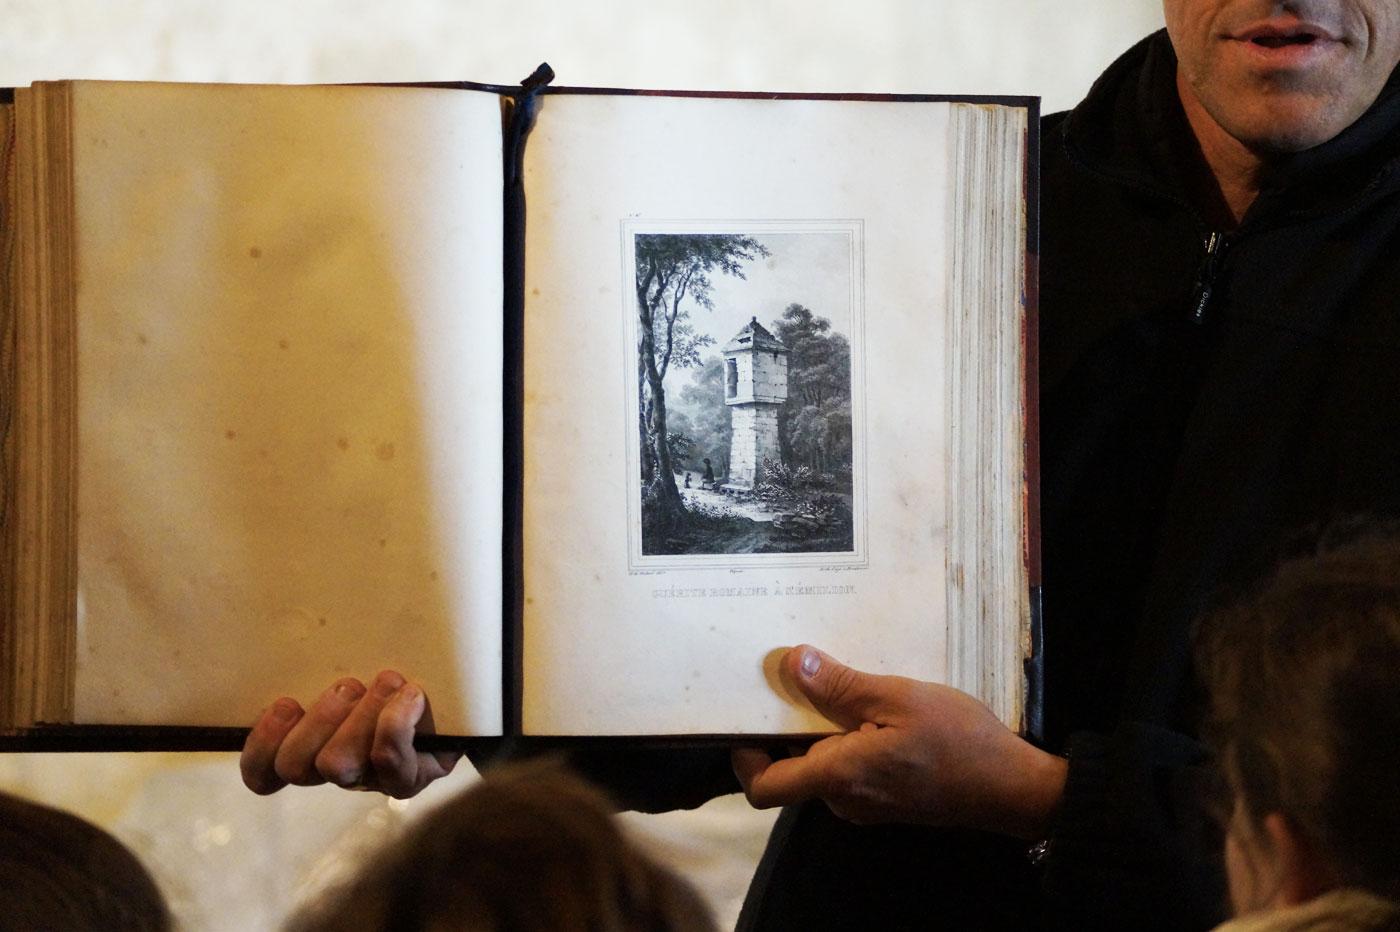 Livre - Représentation d'une guérite romaine à Saint-Émilion